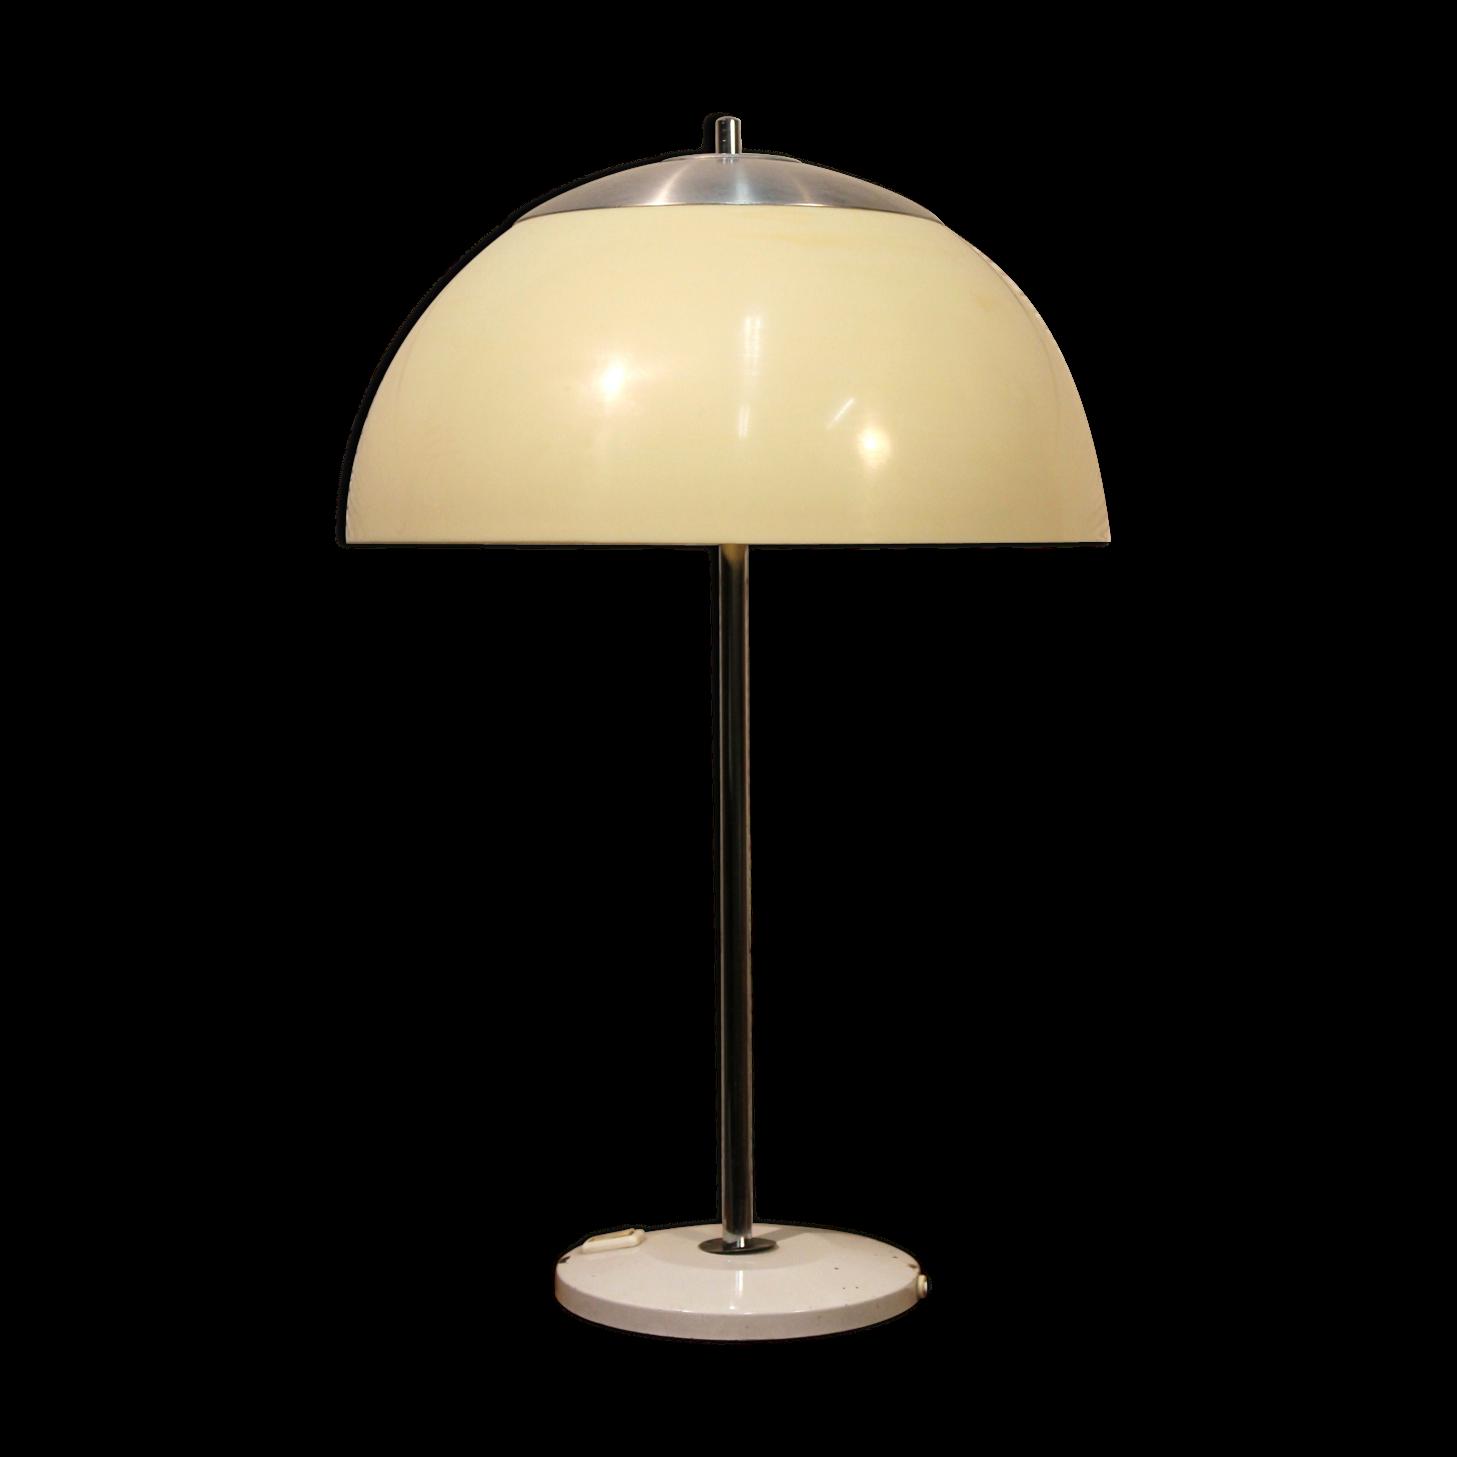 Merveilleux Lampe Champignon Unilux Années 70